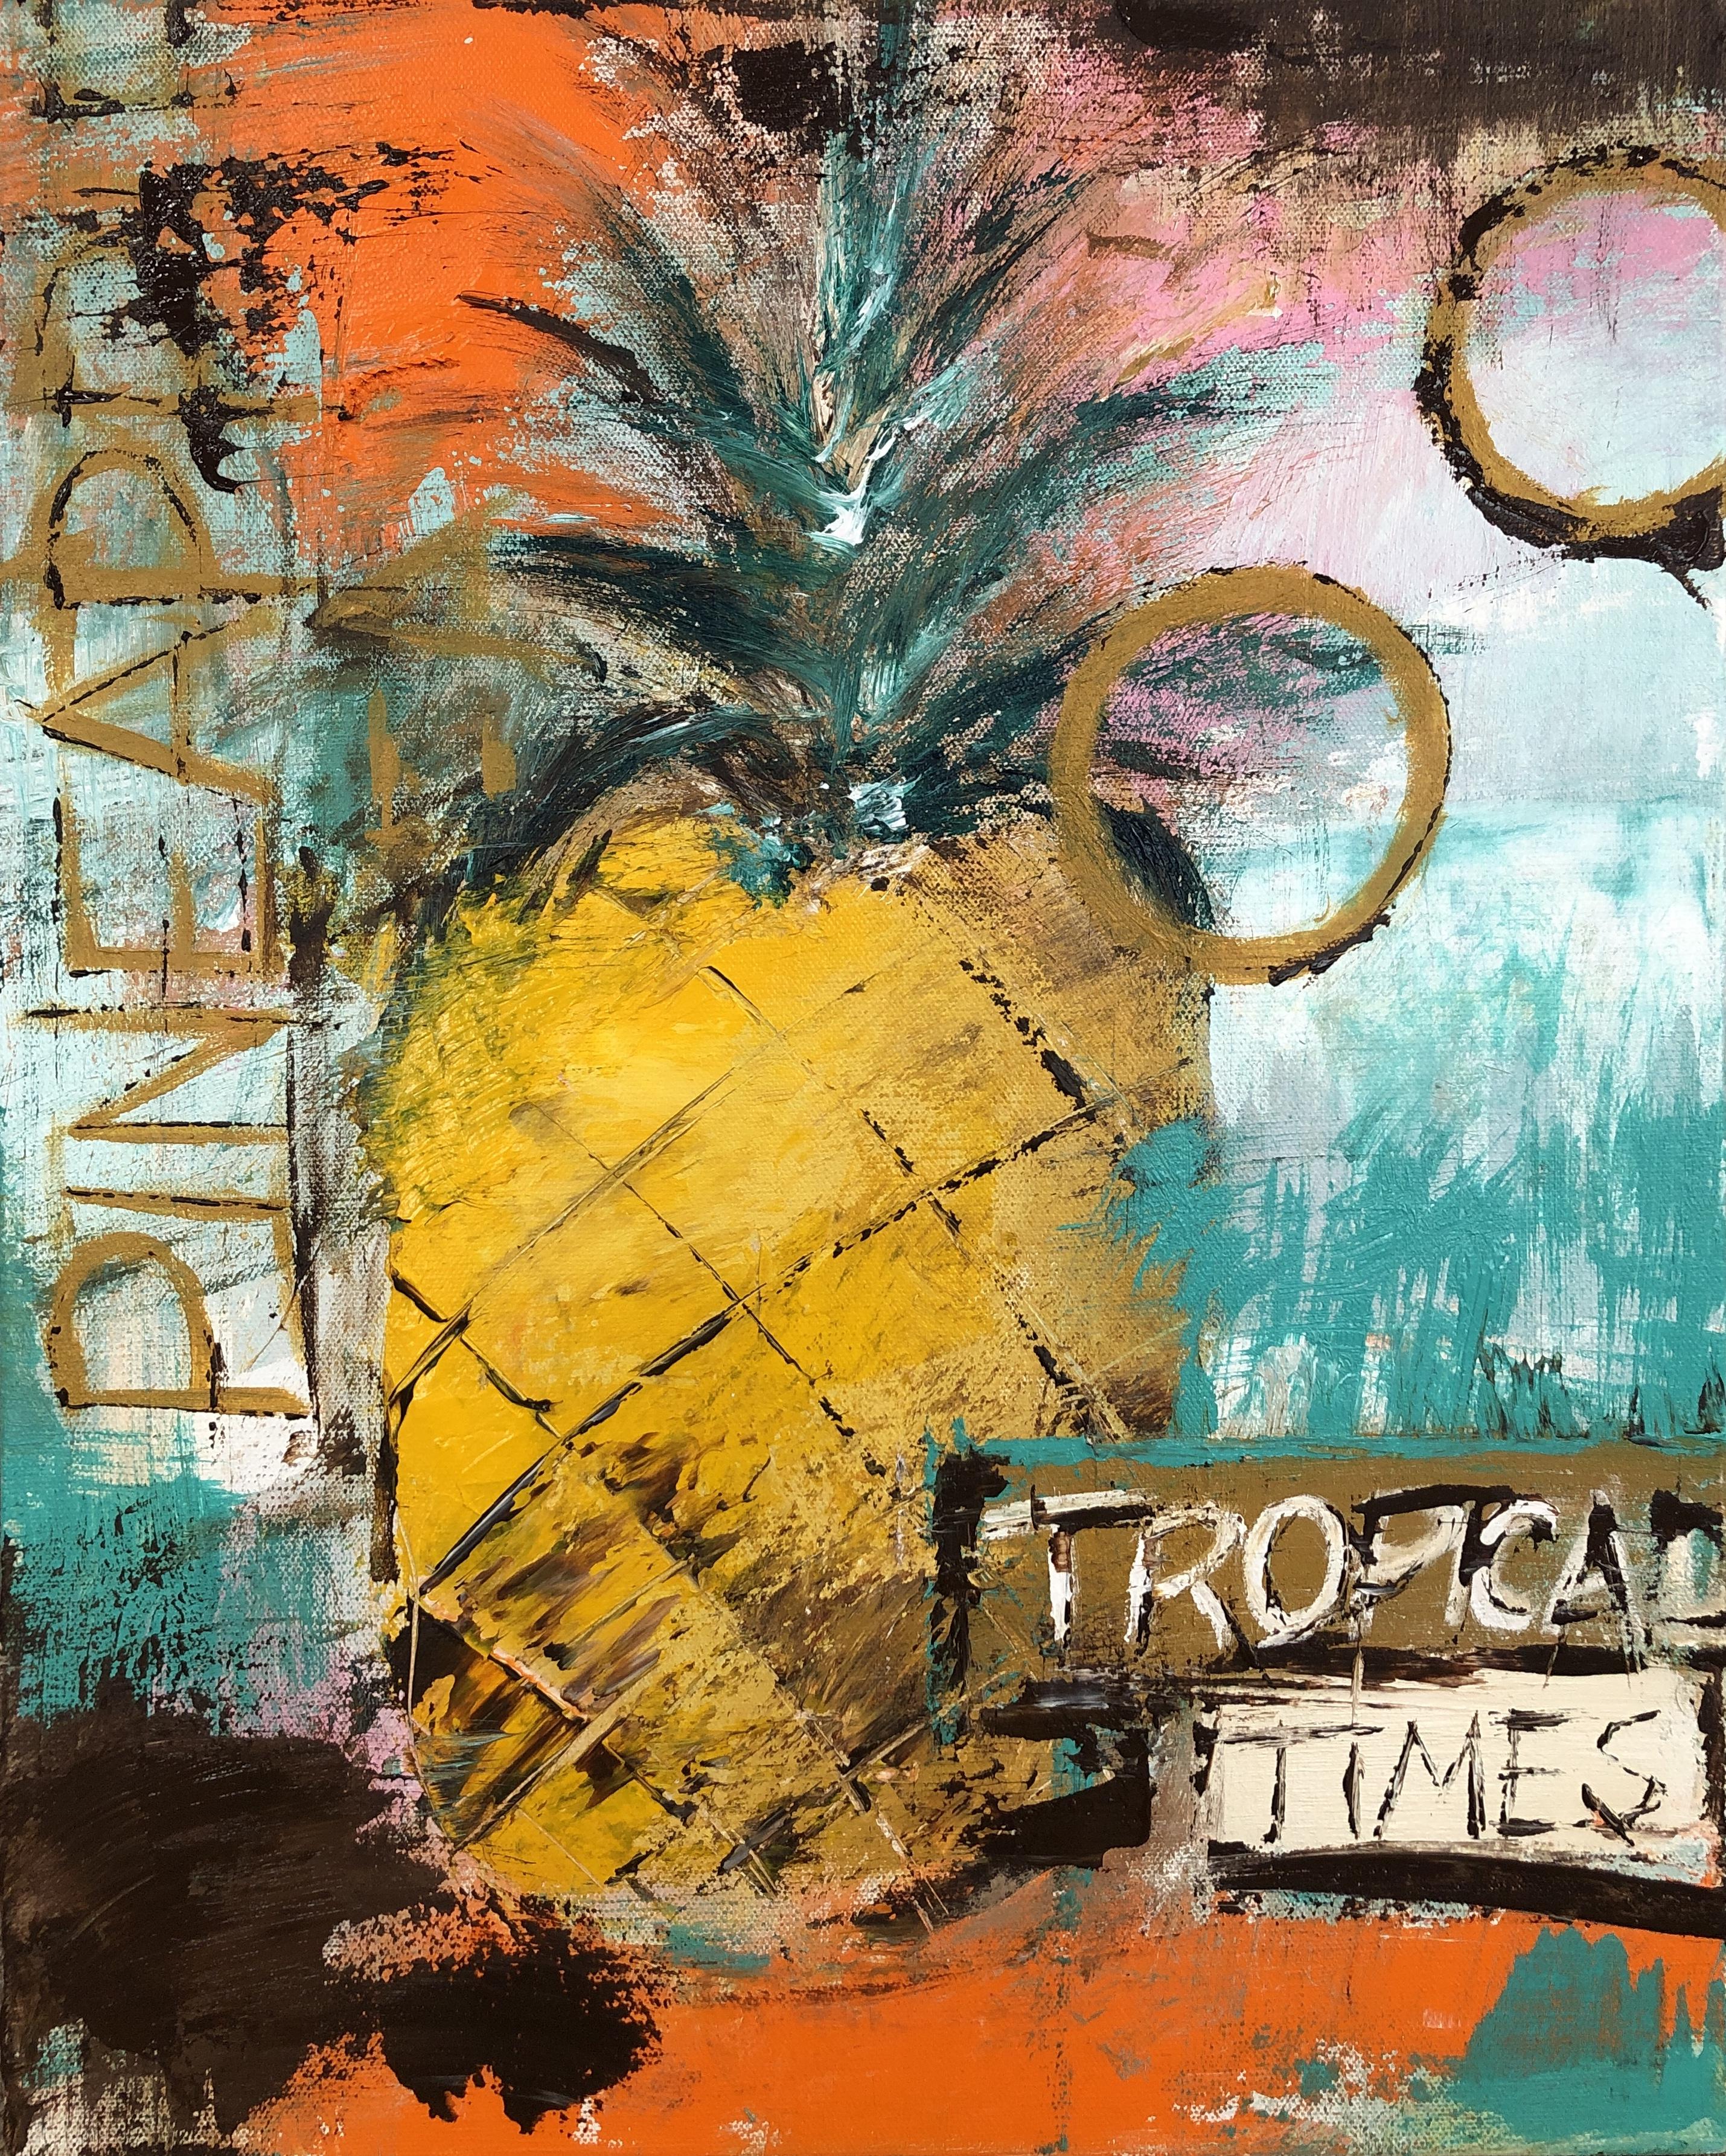 Tropical Times II